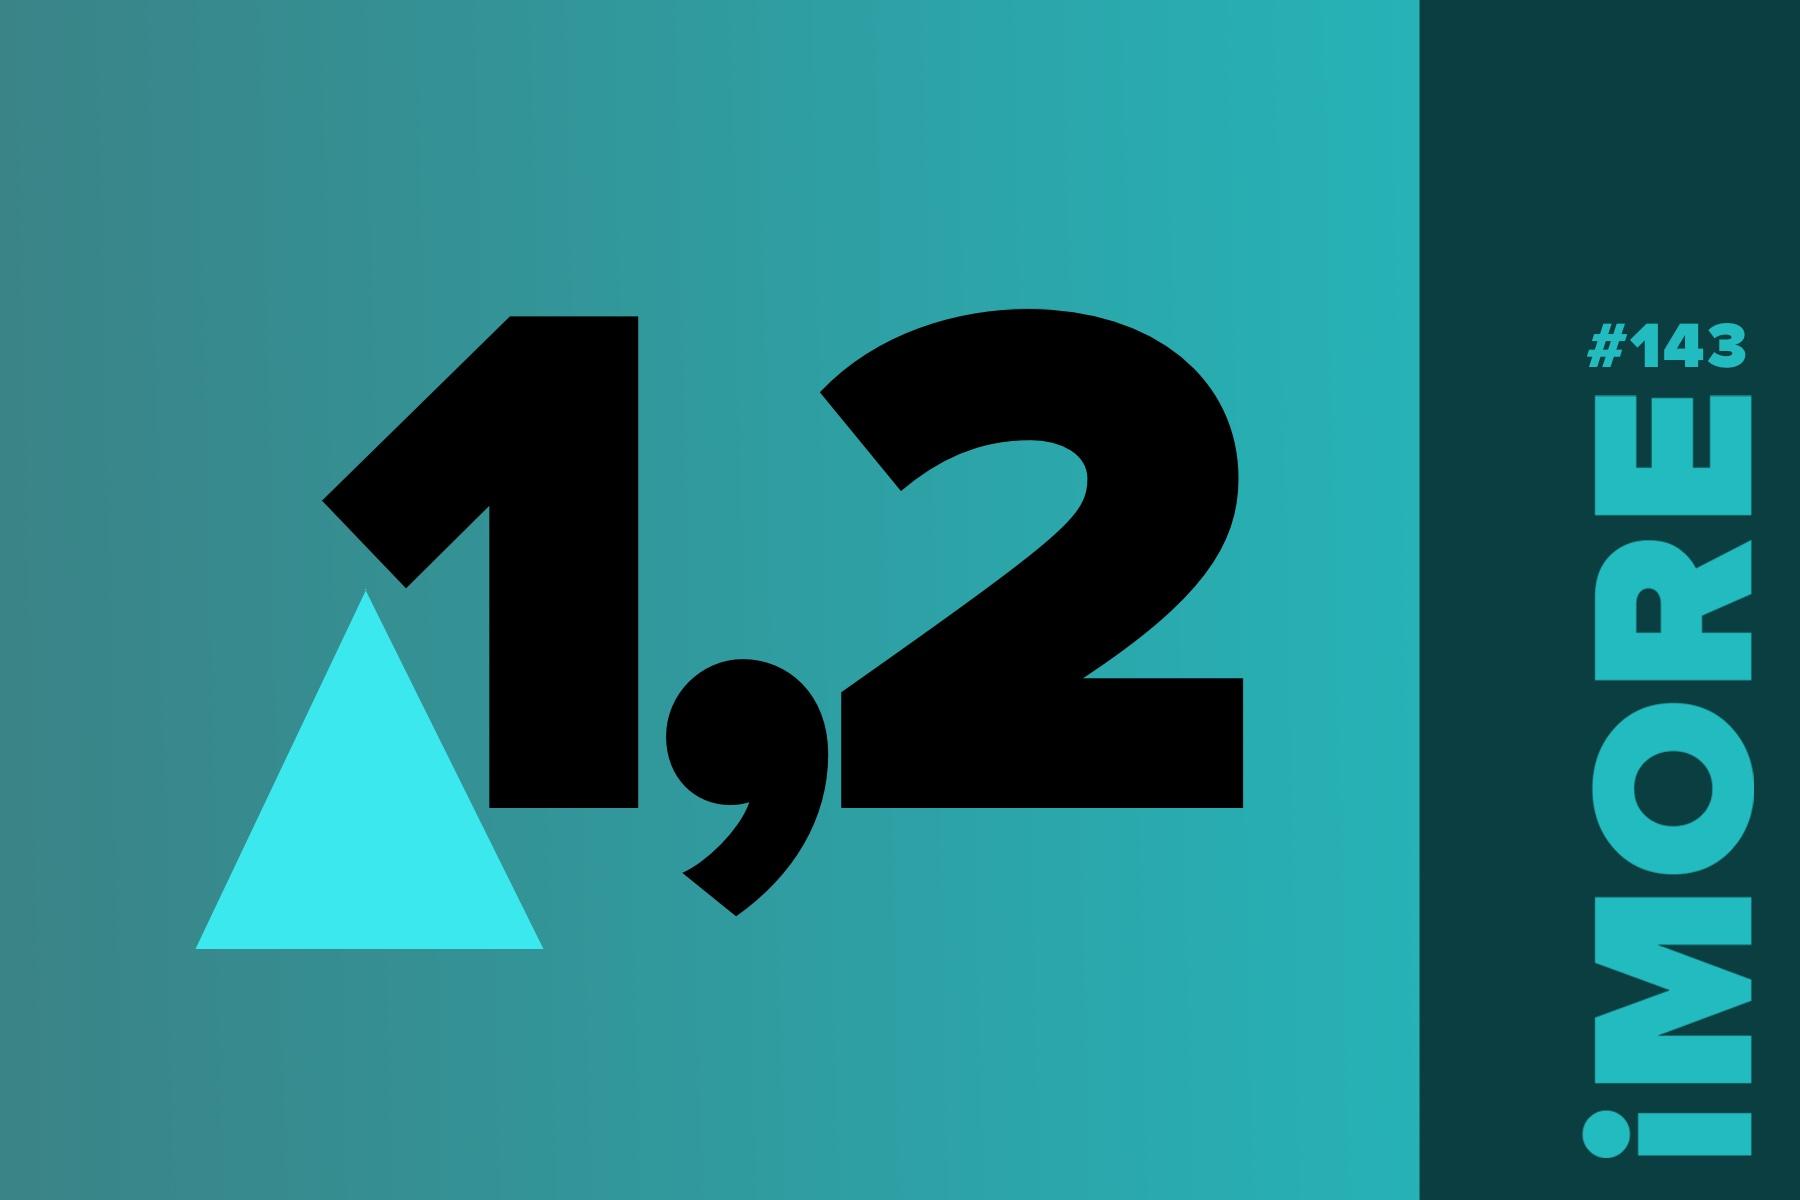 іМоРе №143: Обязательная идентификация владельцев электронных кошельков и запуск ProZorro.Market